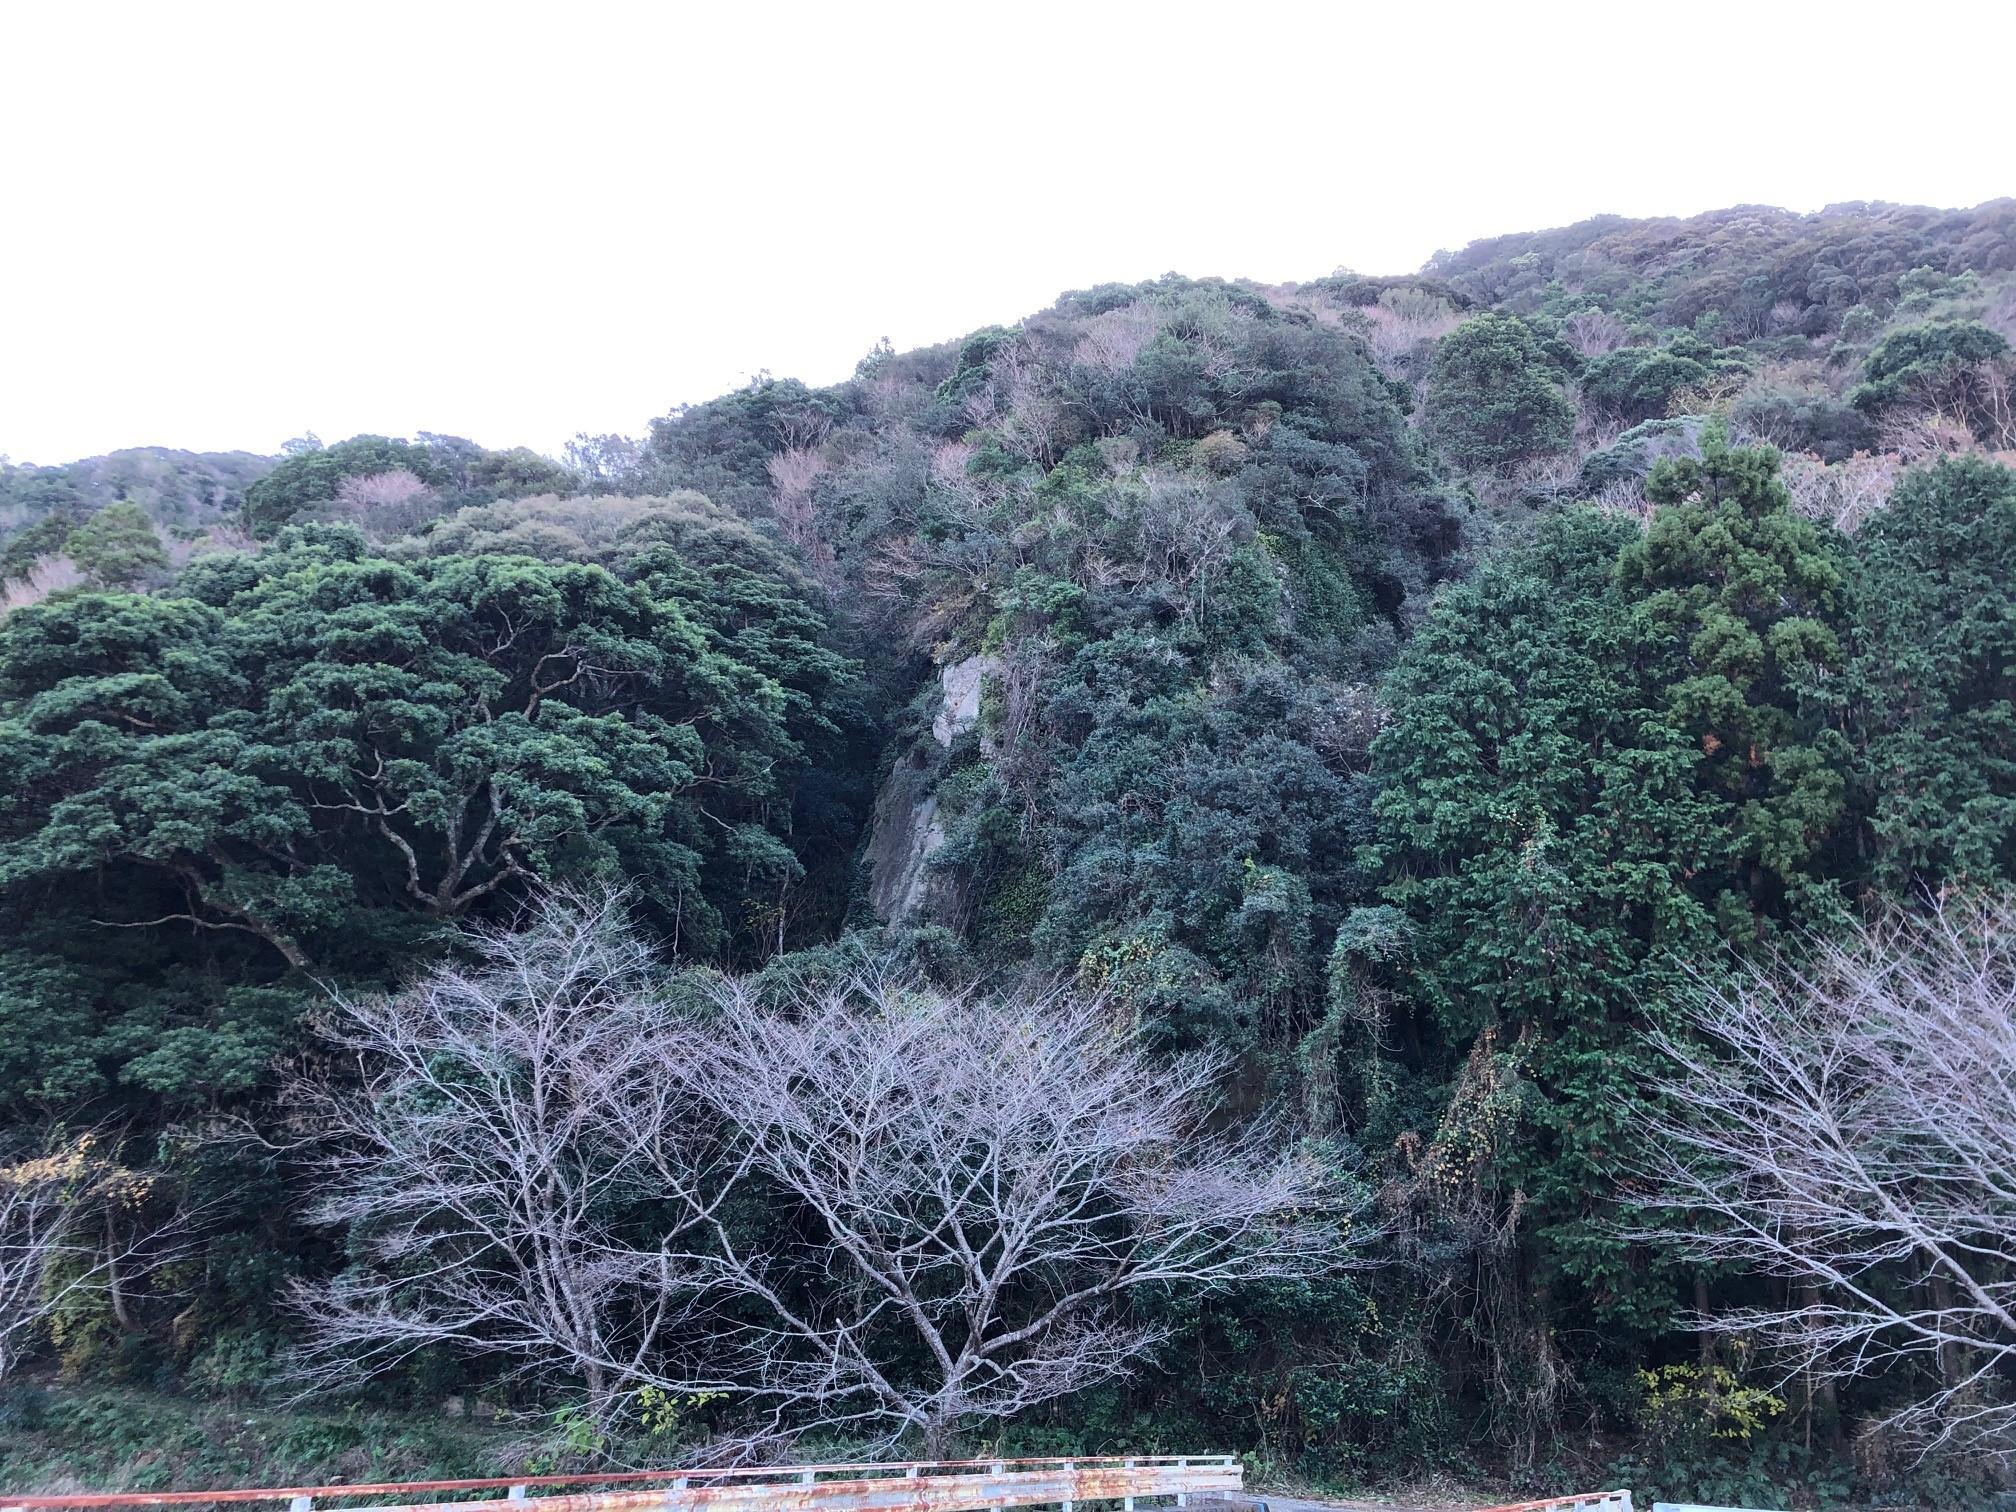 特別番組『熊野水軍の城〜史跡 安宅氏城館跡を訪ねて〜』